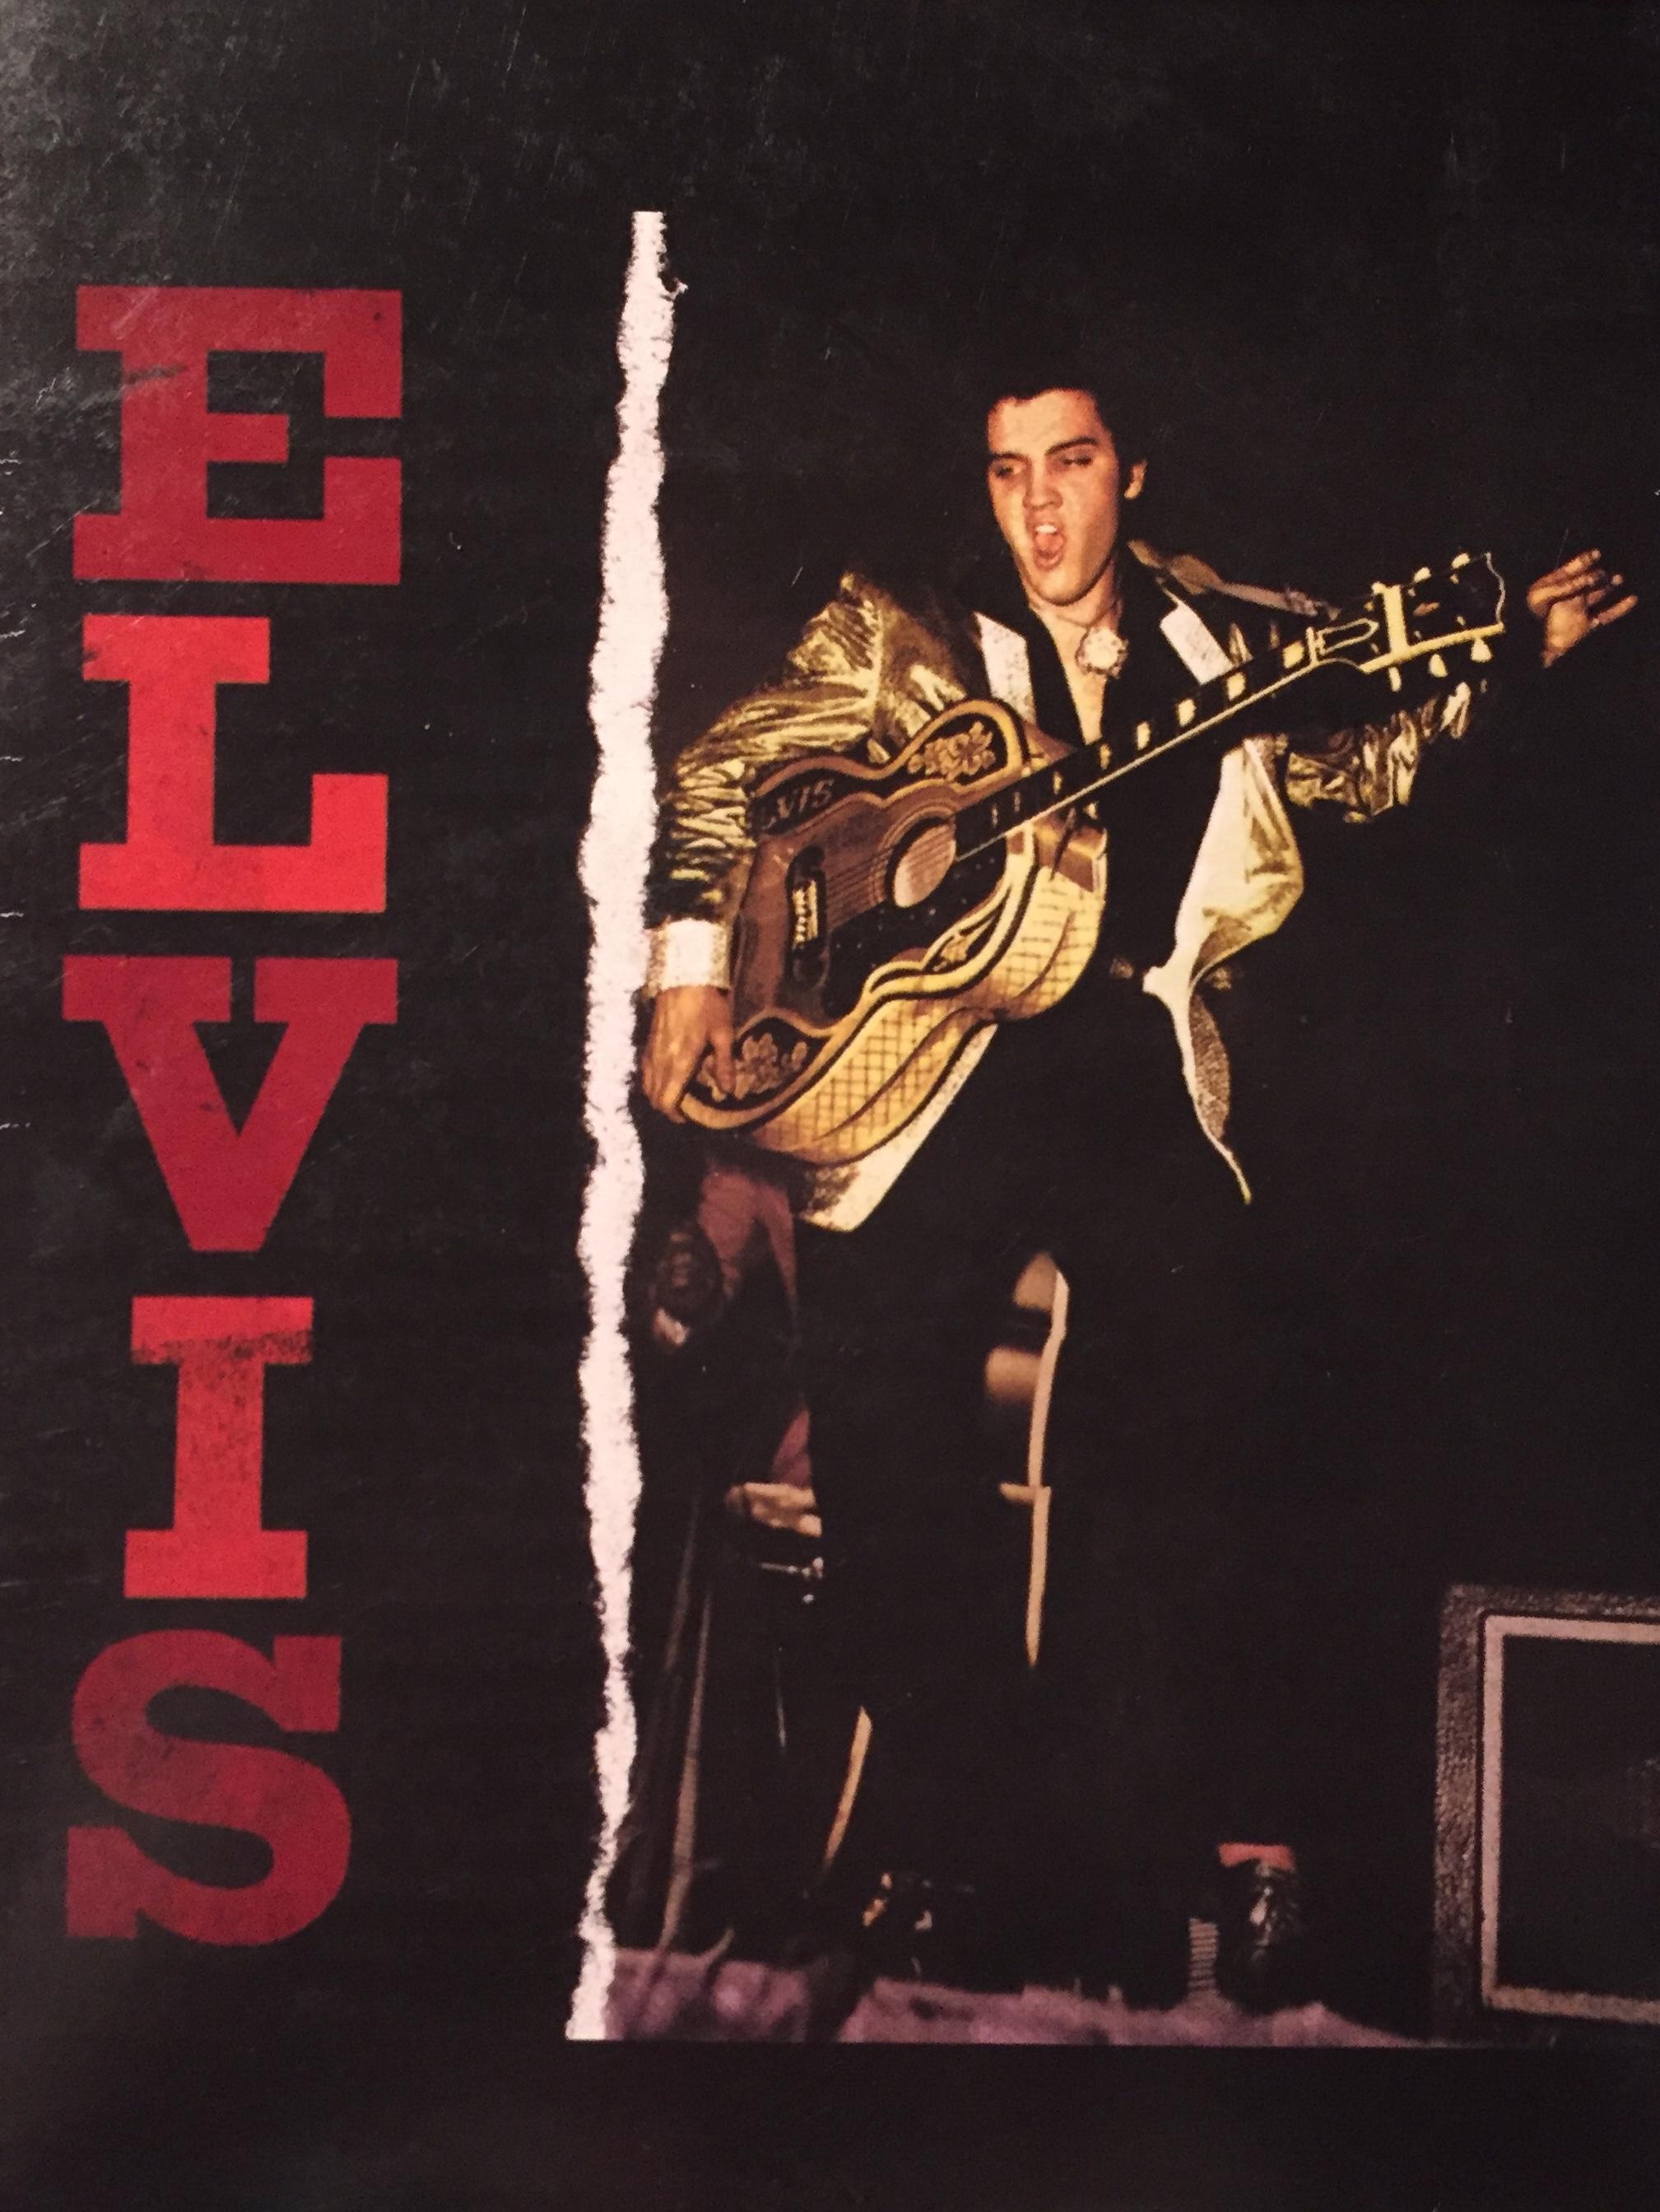 Elvis - CD pošetka /bazarové zboží/